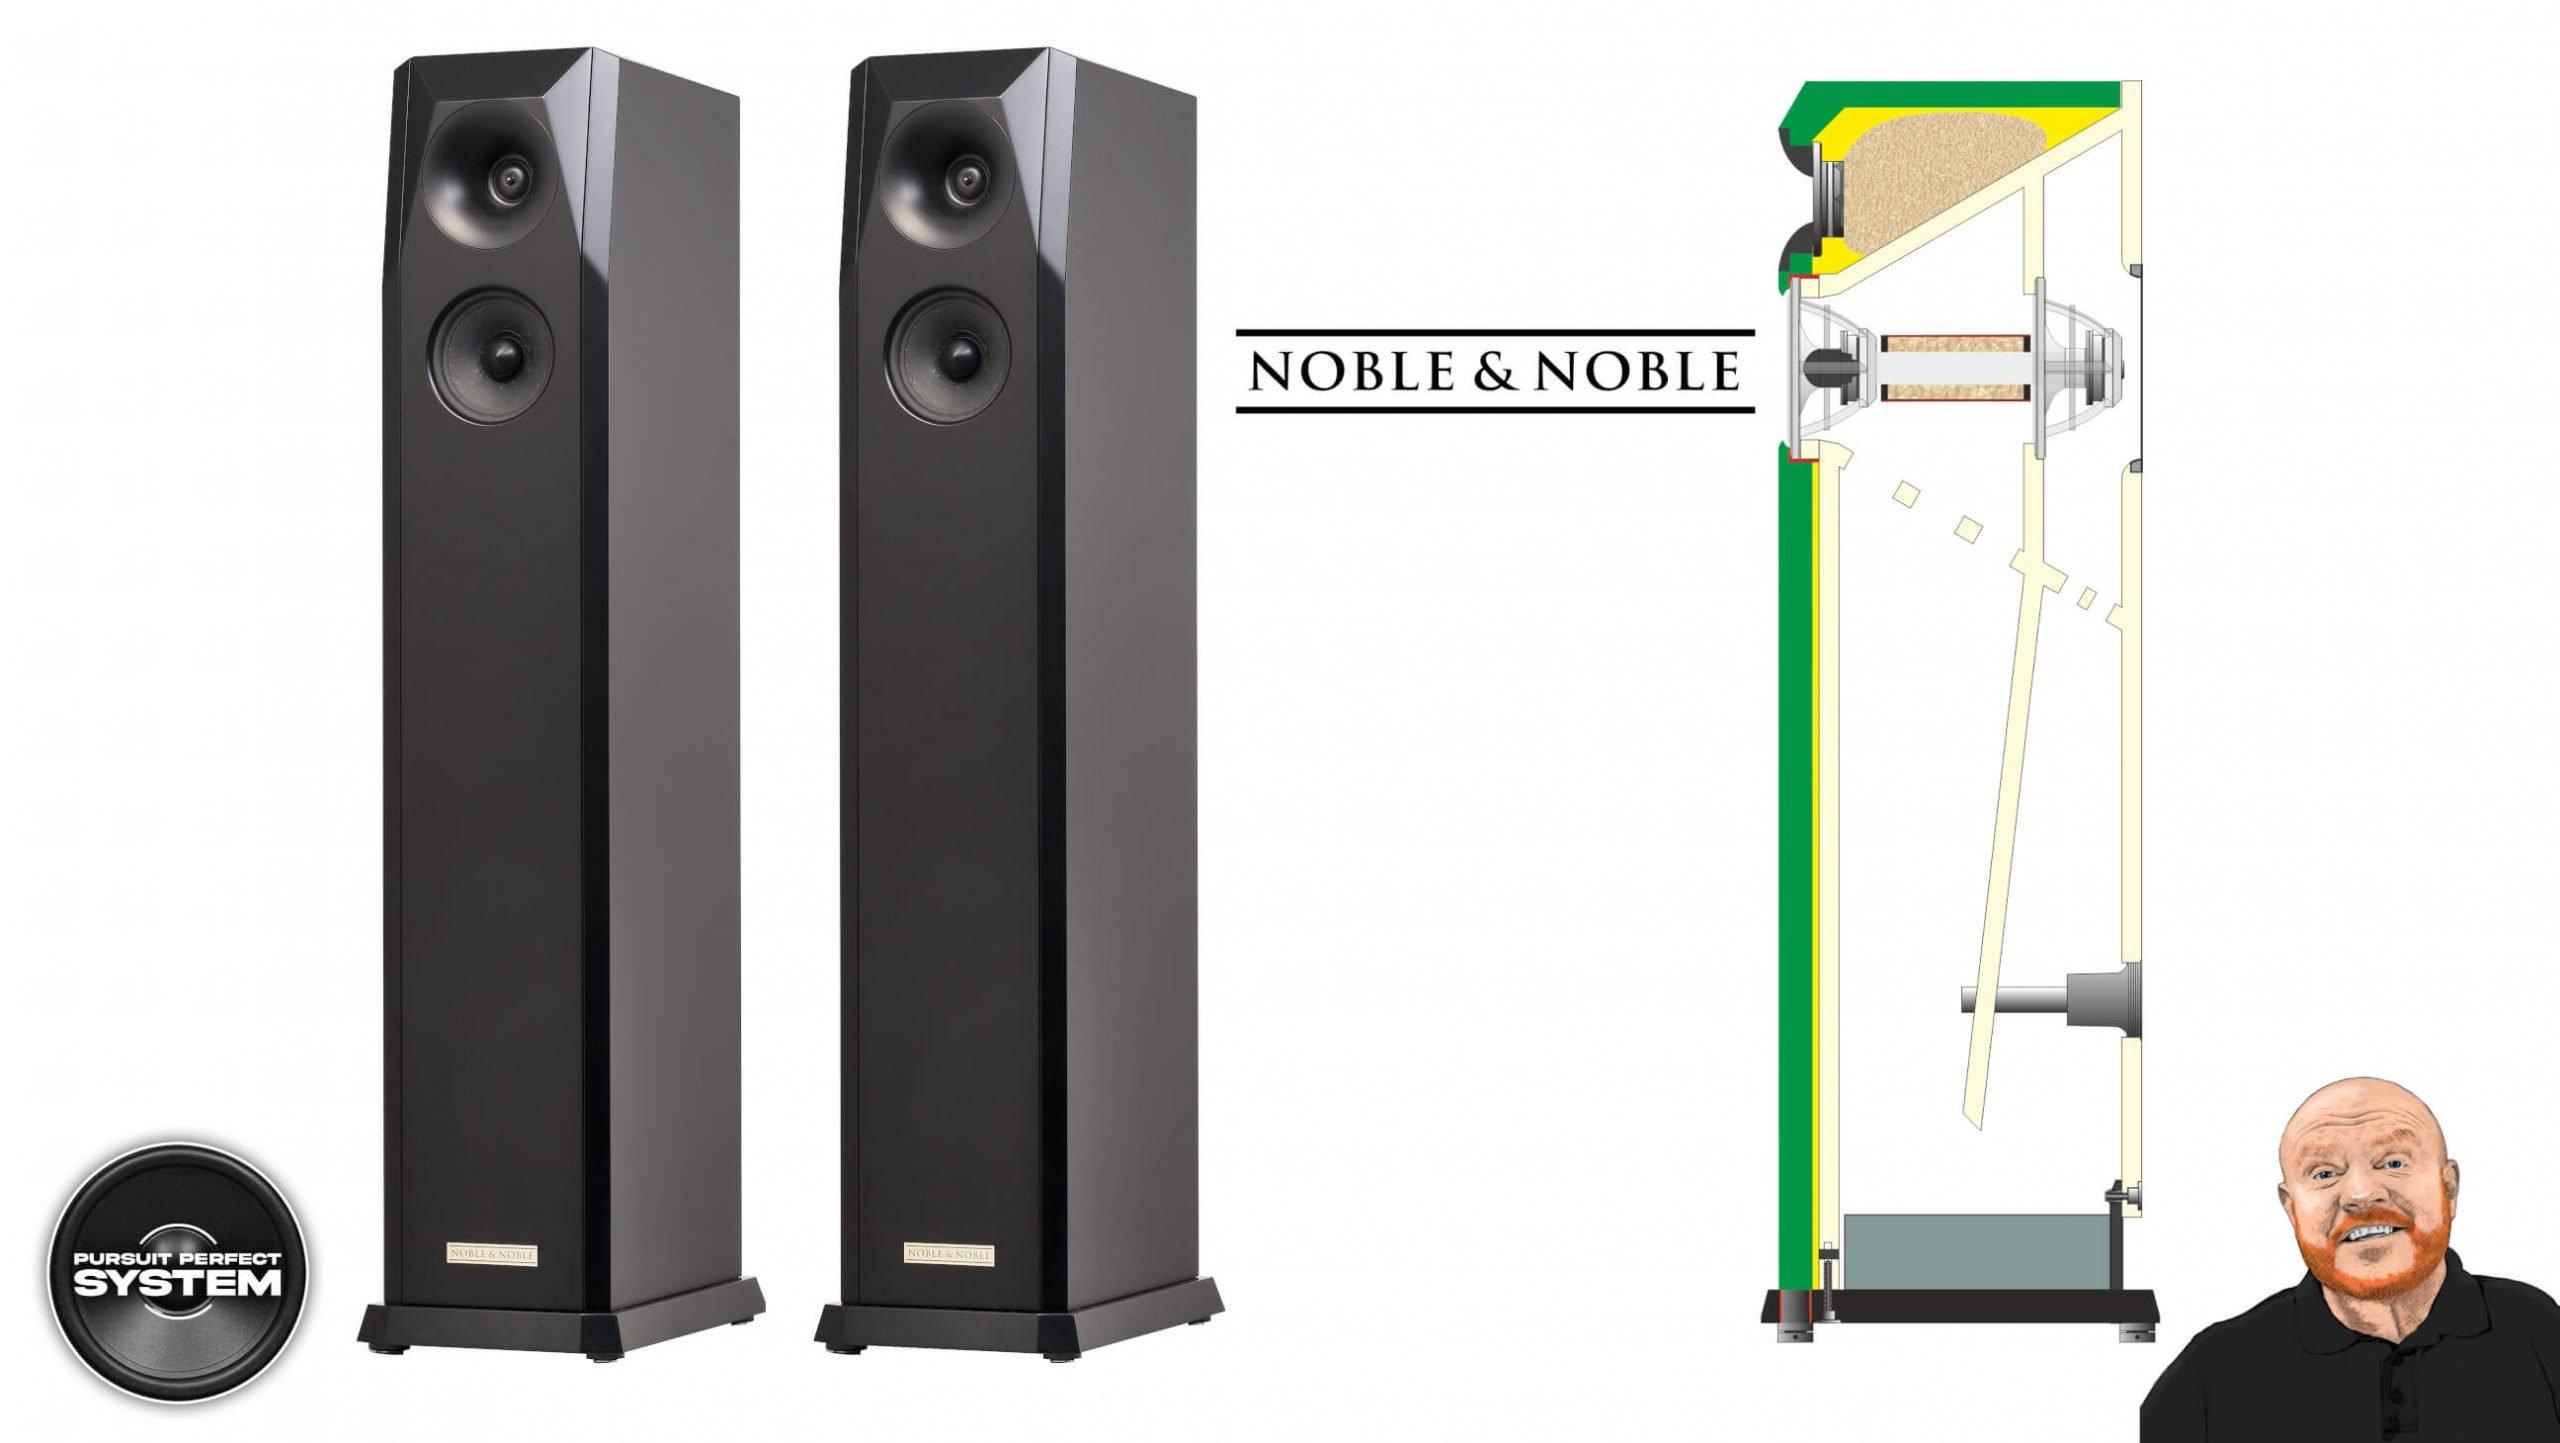 noble and noble Nobilis Sonum 98 hifi speaker worlds first 7 sided speaker website 2